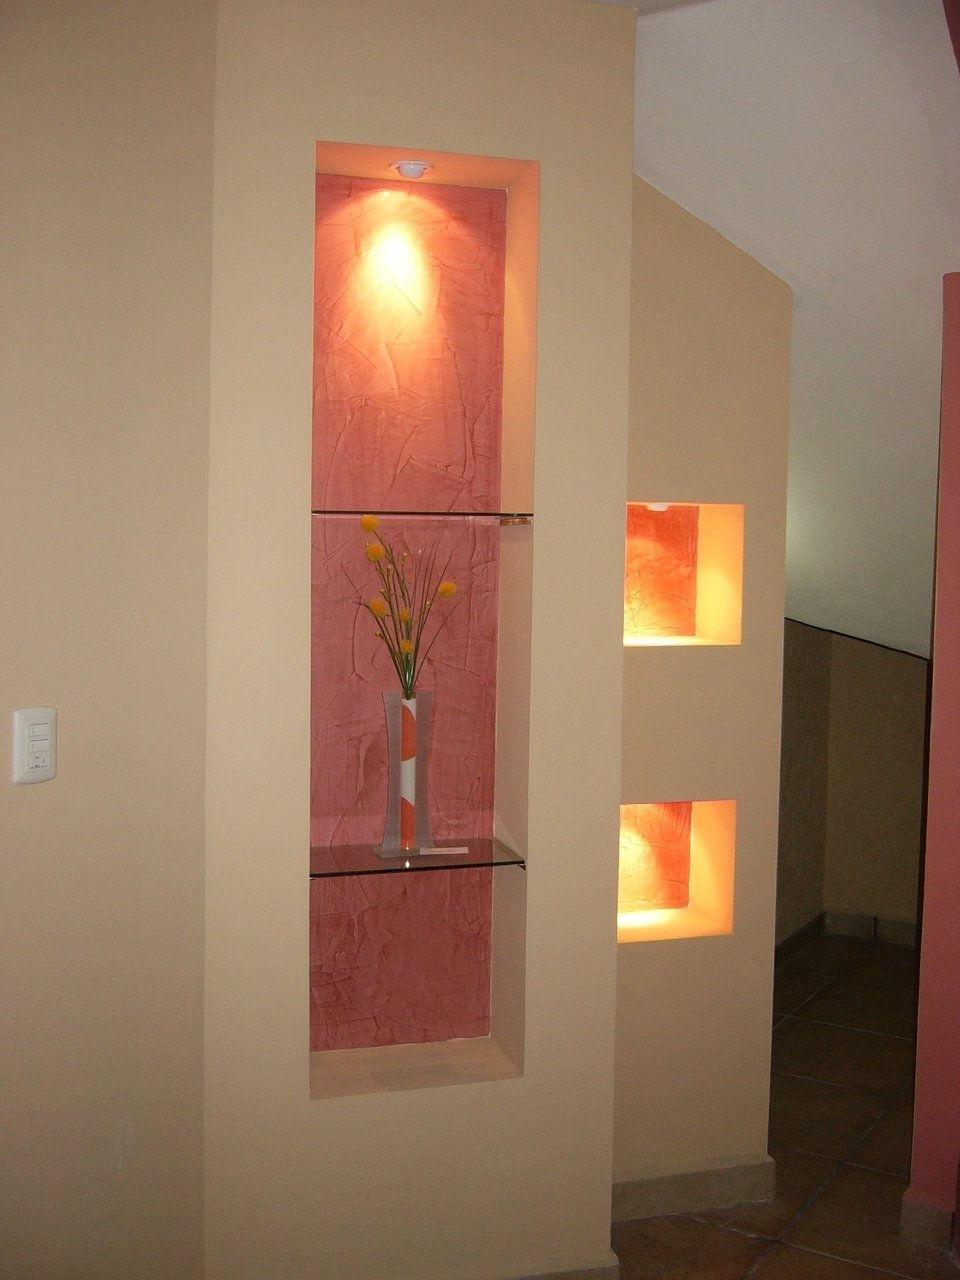 Arquitectura y dise o de iguala s a de c v proyectos for Plafones de pared interior